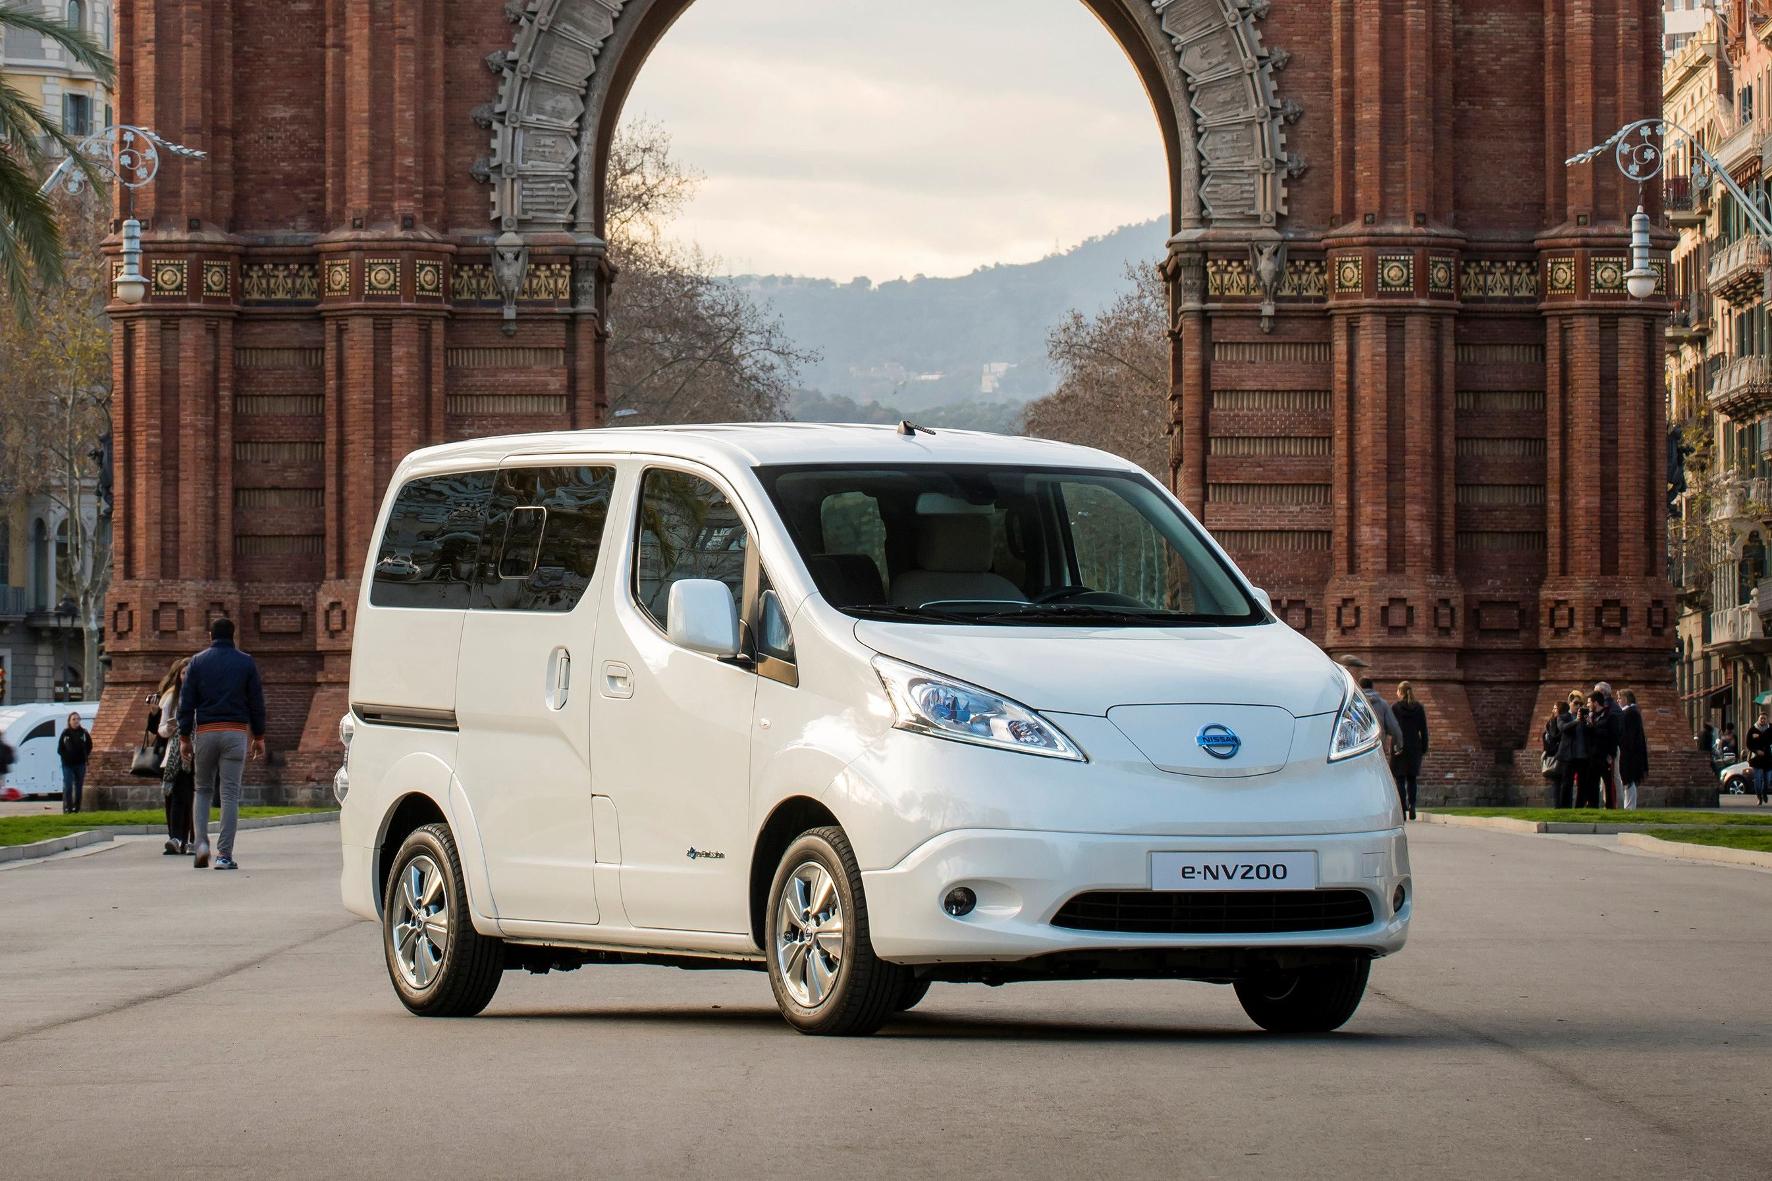 mid Groß-Gerau - Kantiger Stromer: An der Front zeigt der Nissan e-NV200 eine deutliche Ähnlichkeit mit dem Antriebstechnik-Spender Leaf.